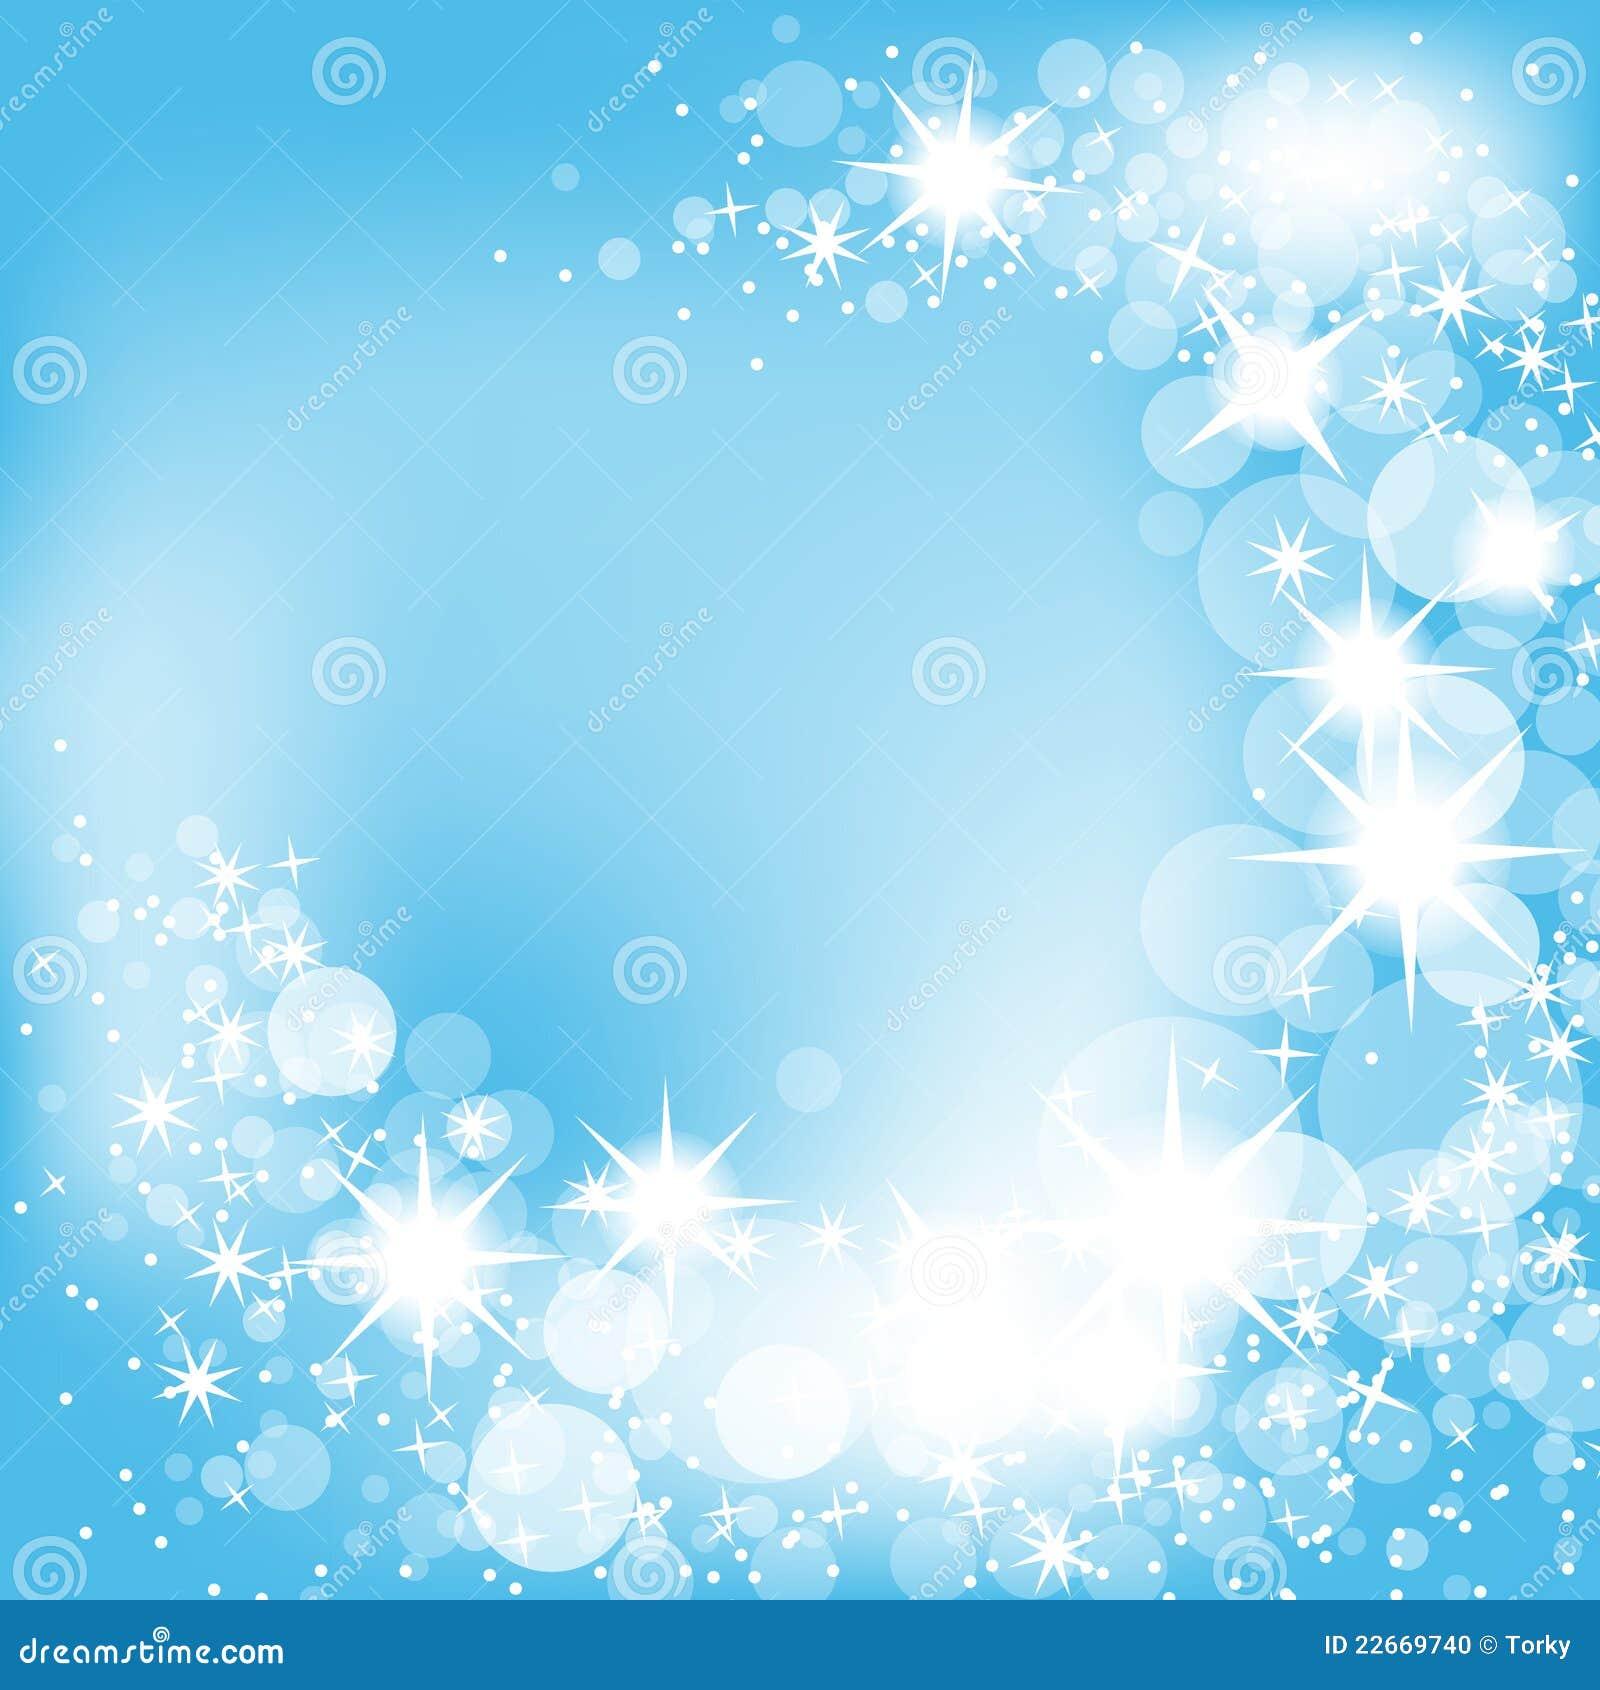 sparkling blue background stock photo image 22669740 winter scene clipart images winter scene clip art christmas